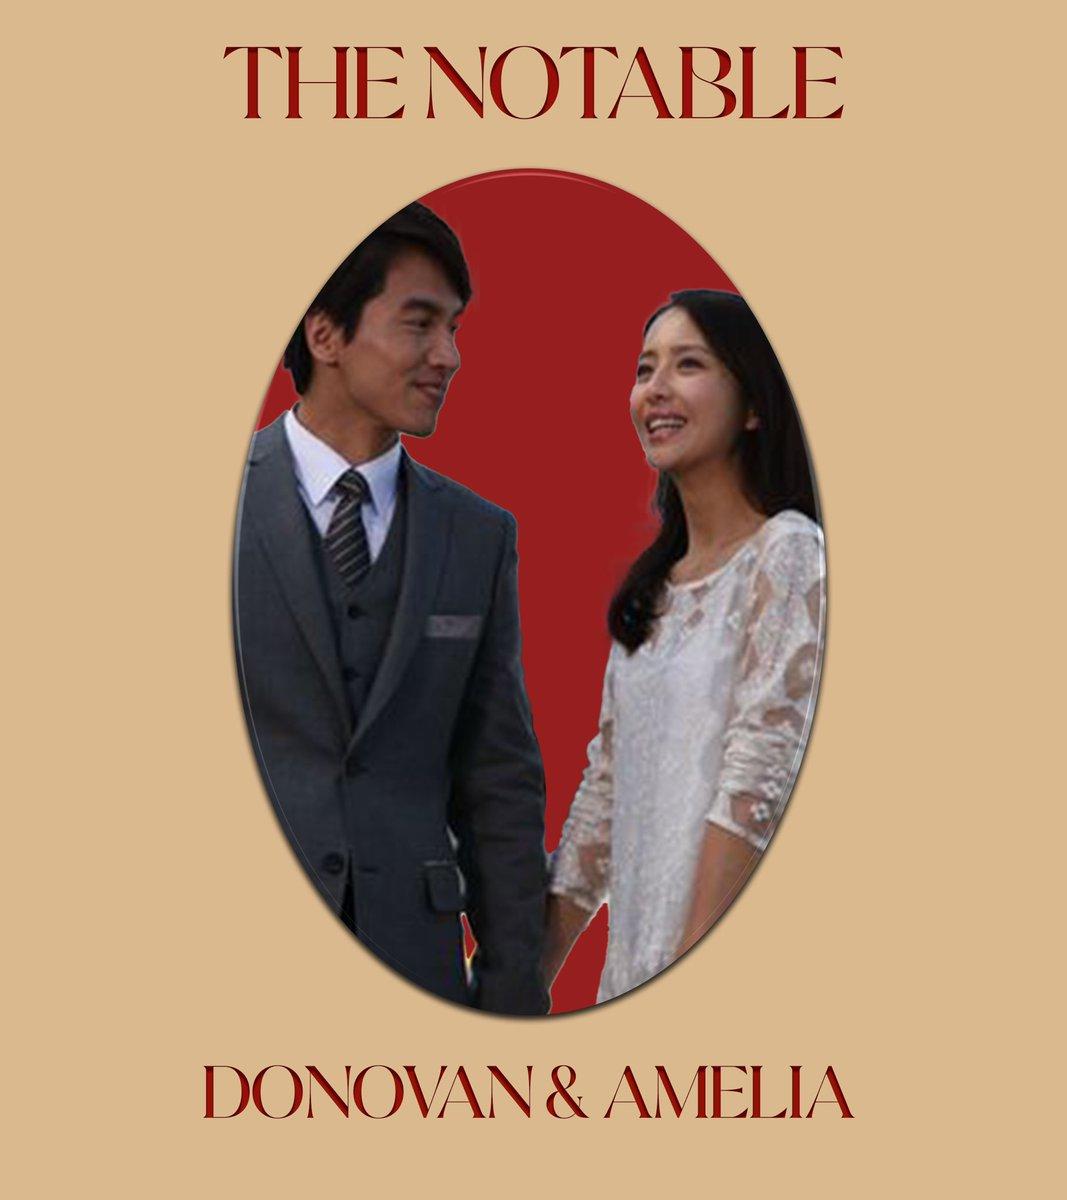 ㅤ 欢迎回家, GOSIENGFIAOs.⠀ GOSIENGFIAO, Donovan & Amelia ────── THE NOTABLE.⠀⠀ ㅤ